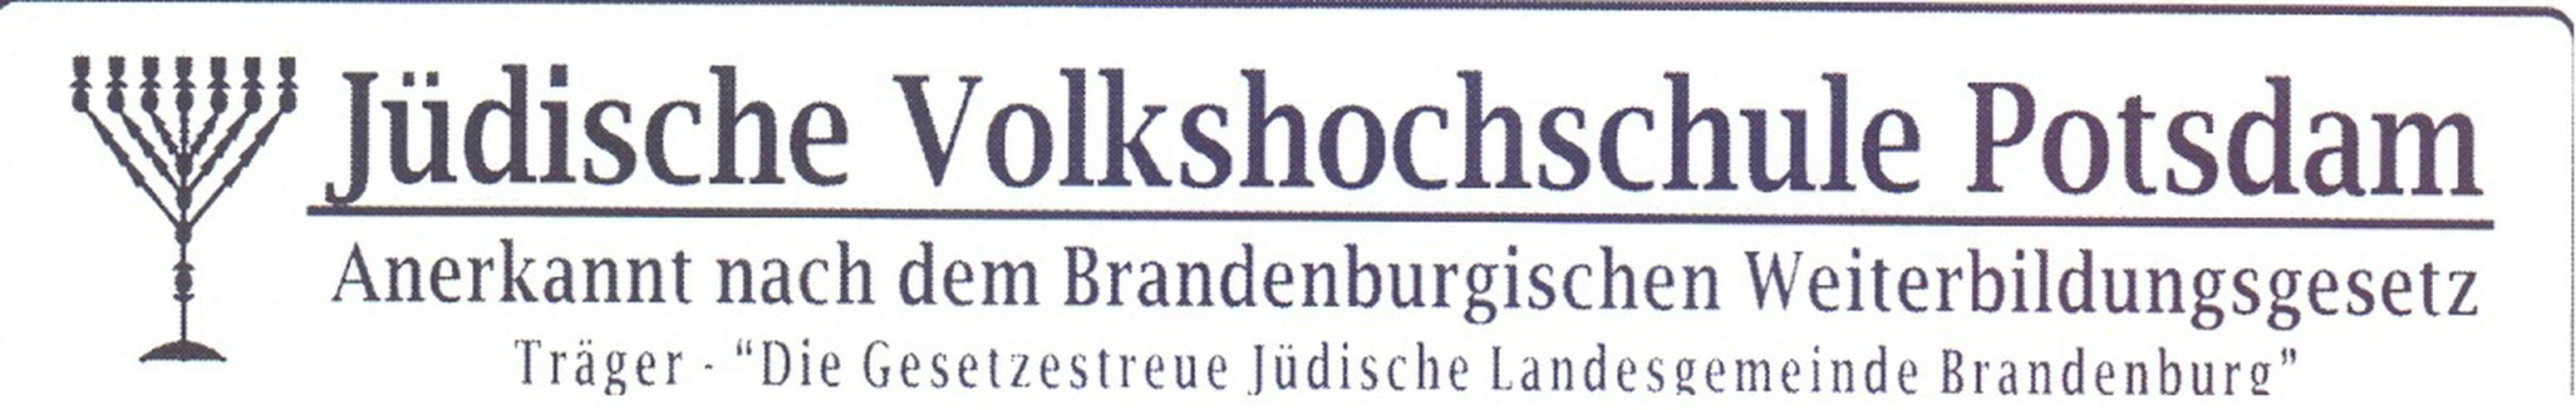 Ehrenamtlicher Lehrer in Potsdam gesucht